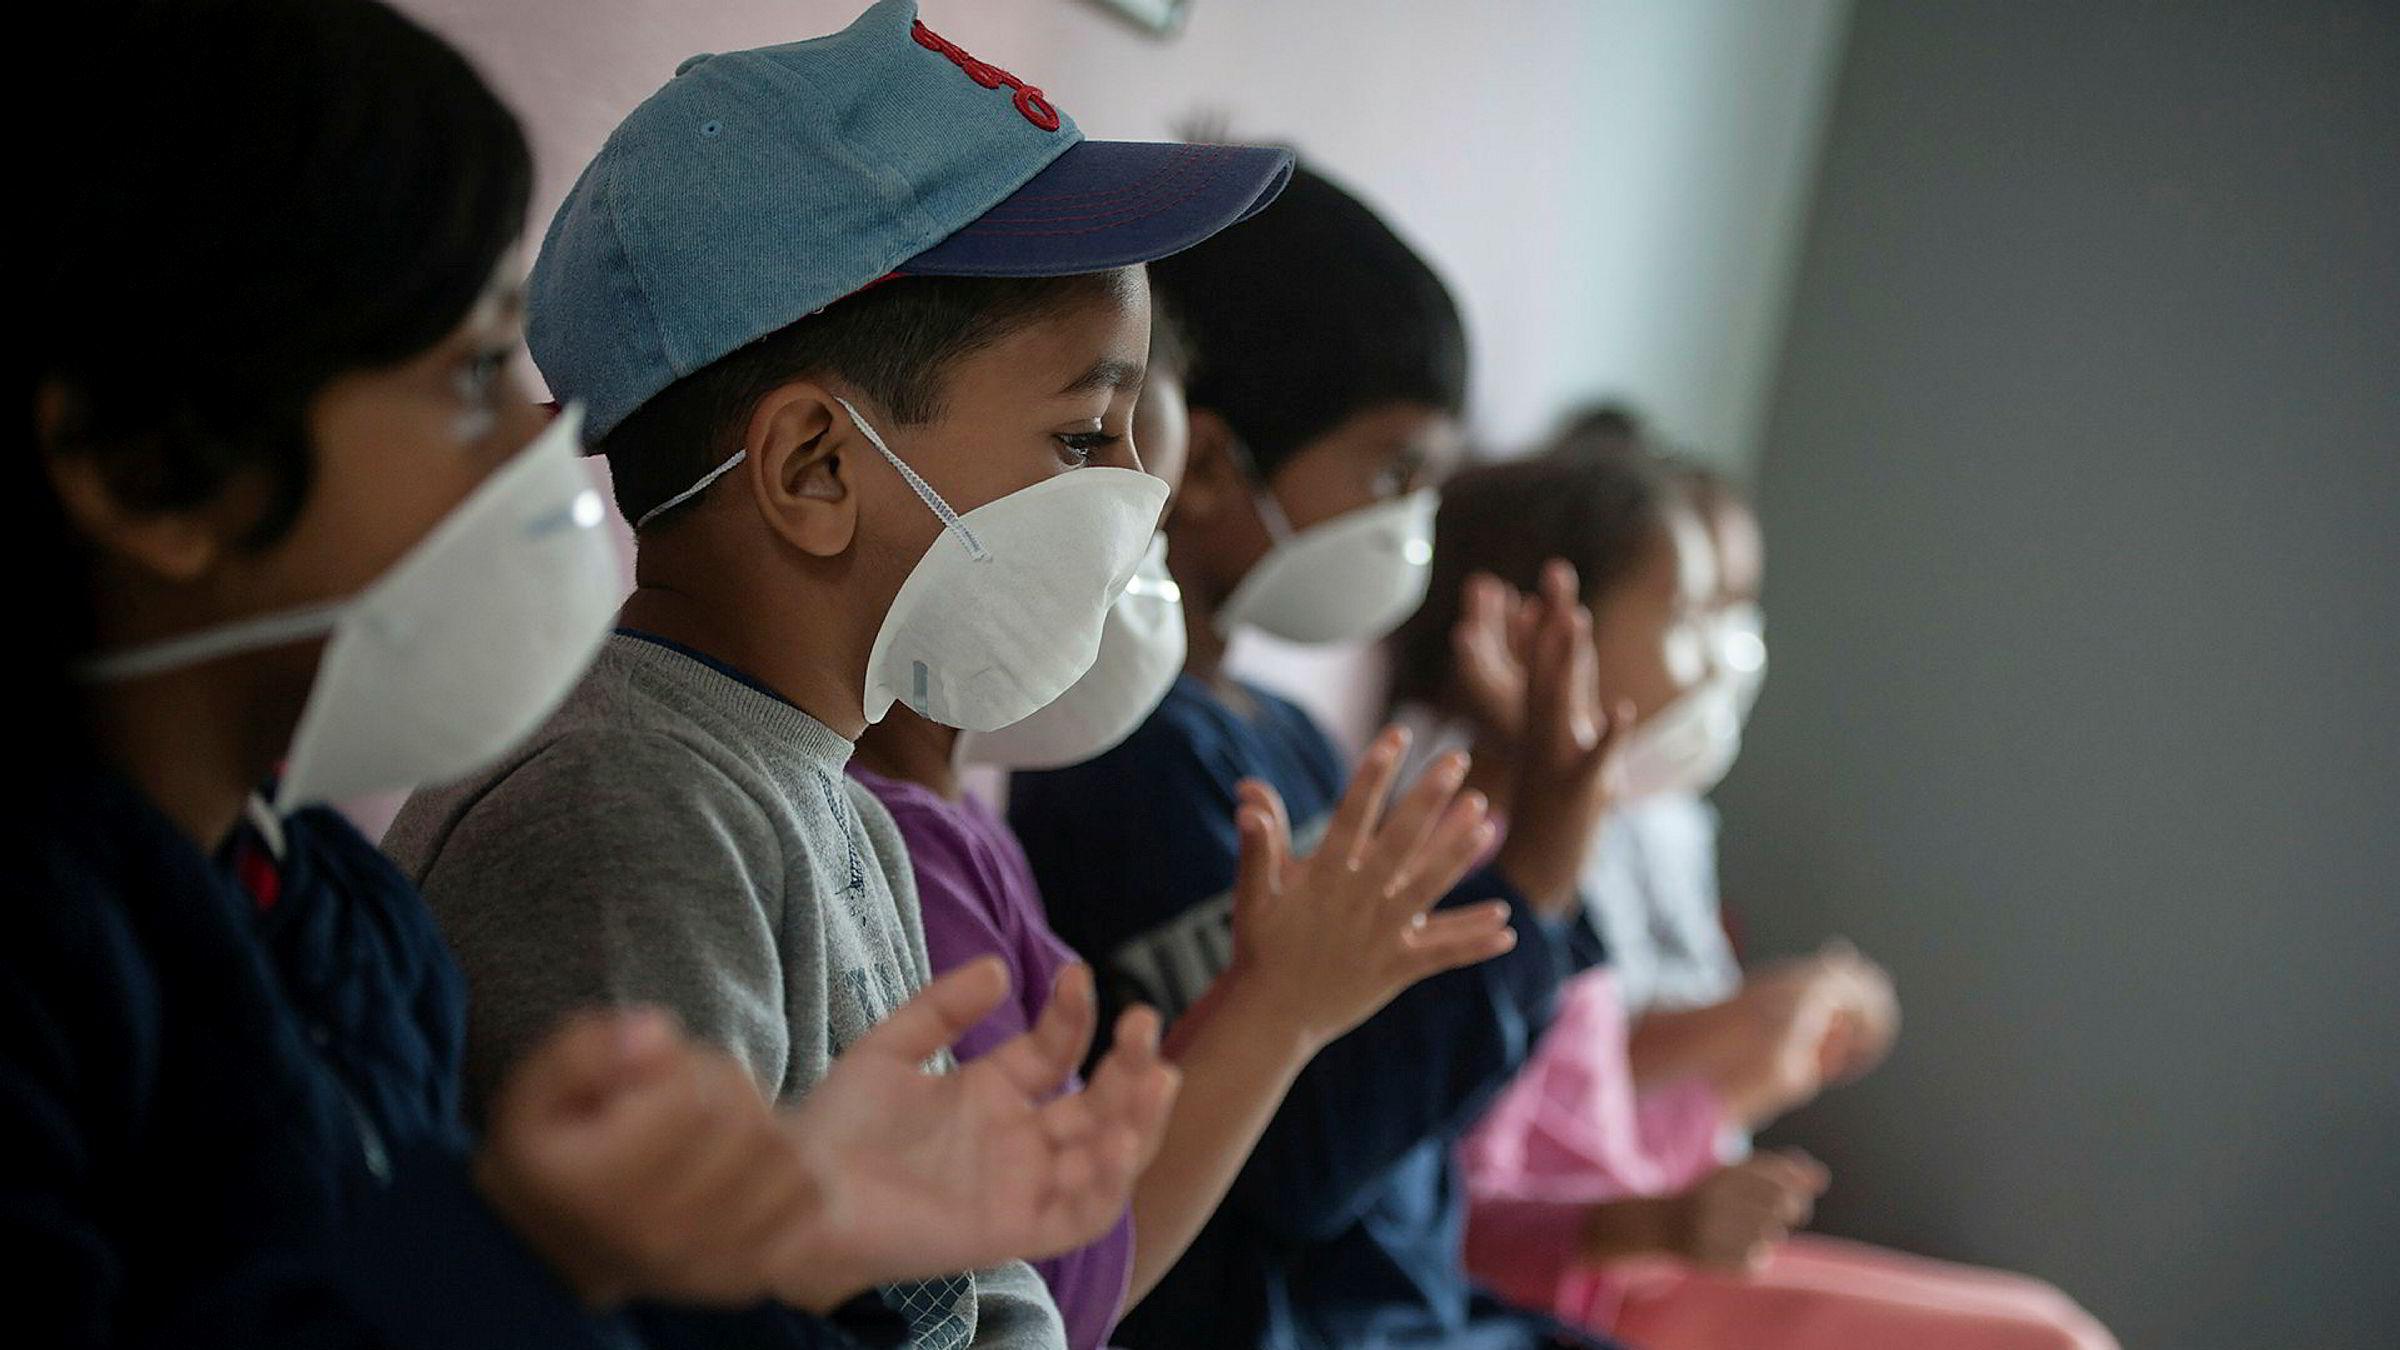 Mange barn sør for Sahara har fra før mistet foreldrene sine i aidsepidemien og bor hos besteforeldre. Eldre rammes hardest av koronaviruset og barna kan derfor bli stående uten omsorg. Bildet viser barn på en skole i Sør-Afrika.